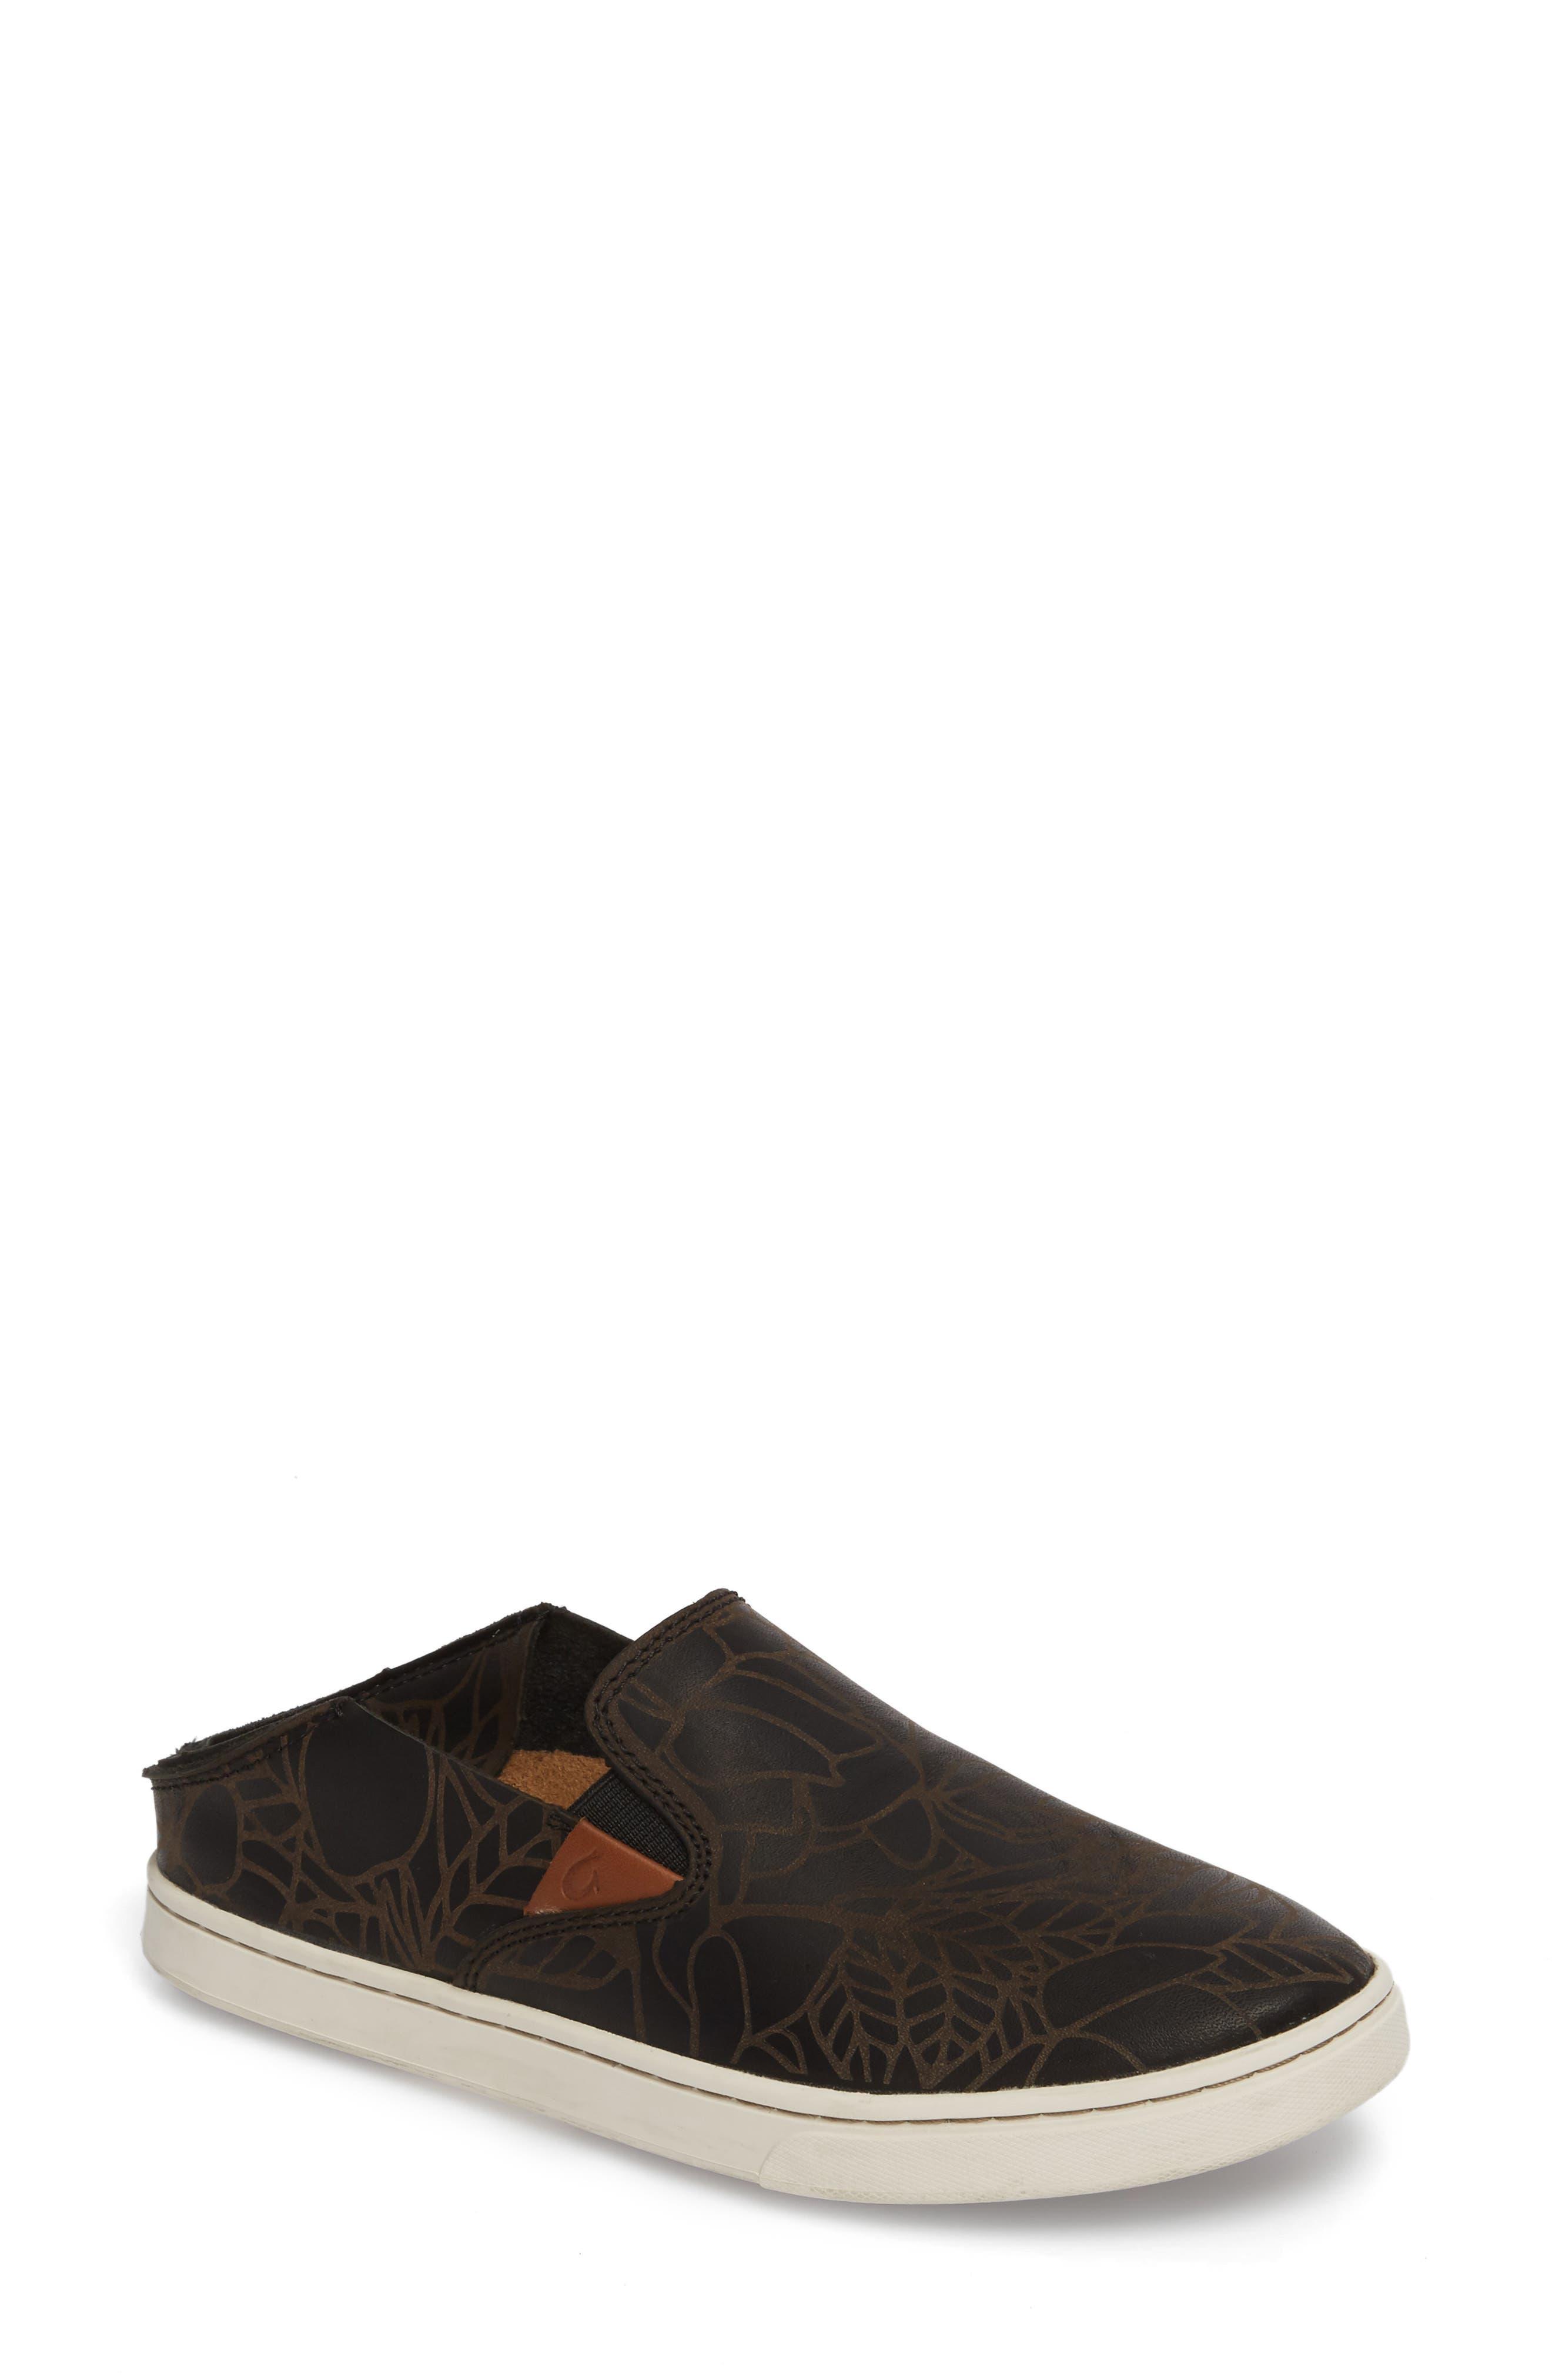 Olukai Pehuea Lau Slip-On Sneaker, Black